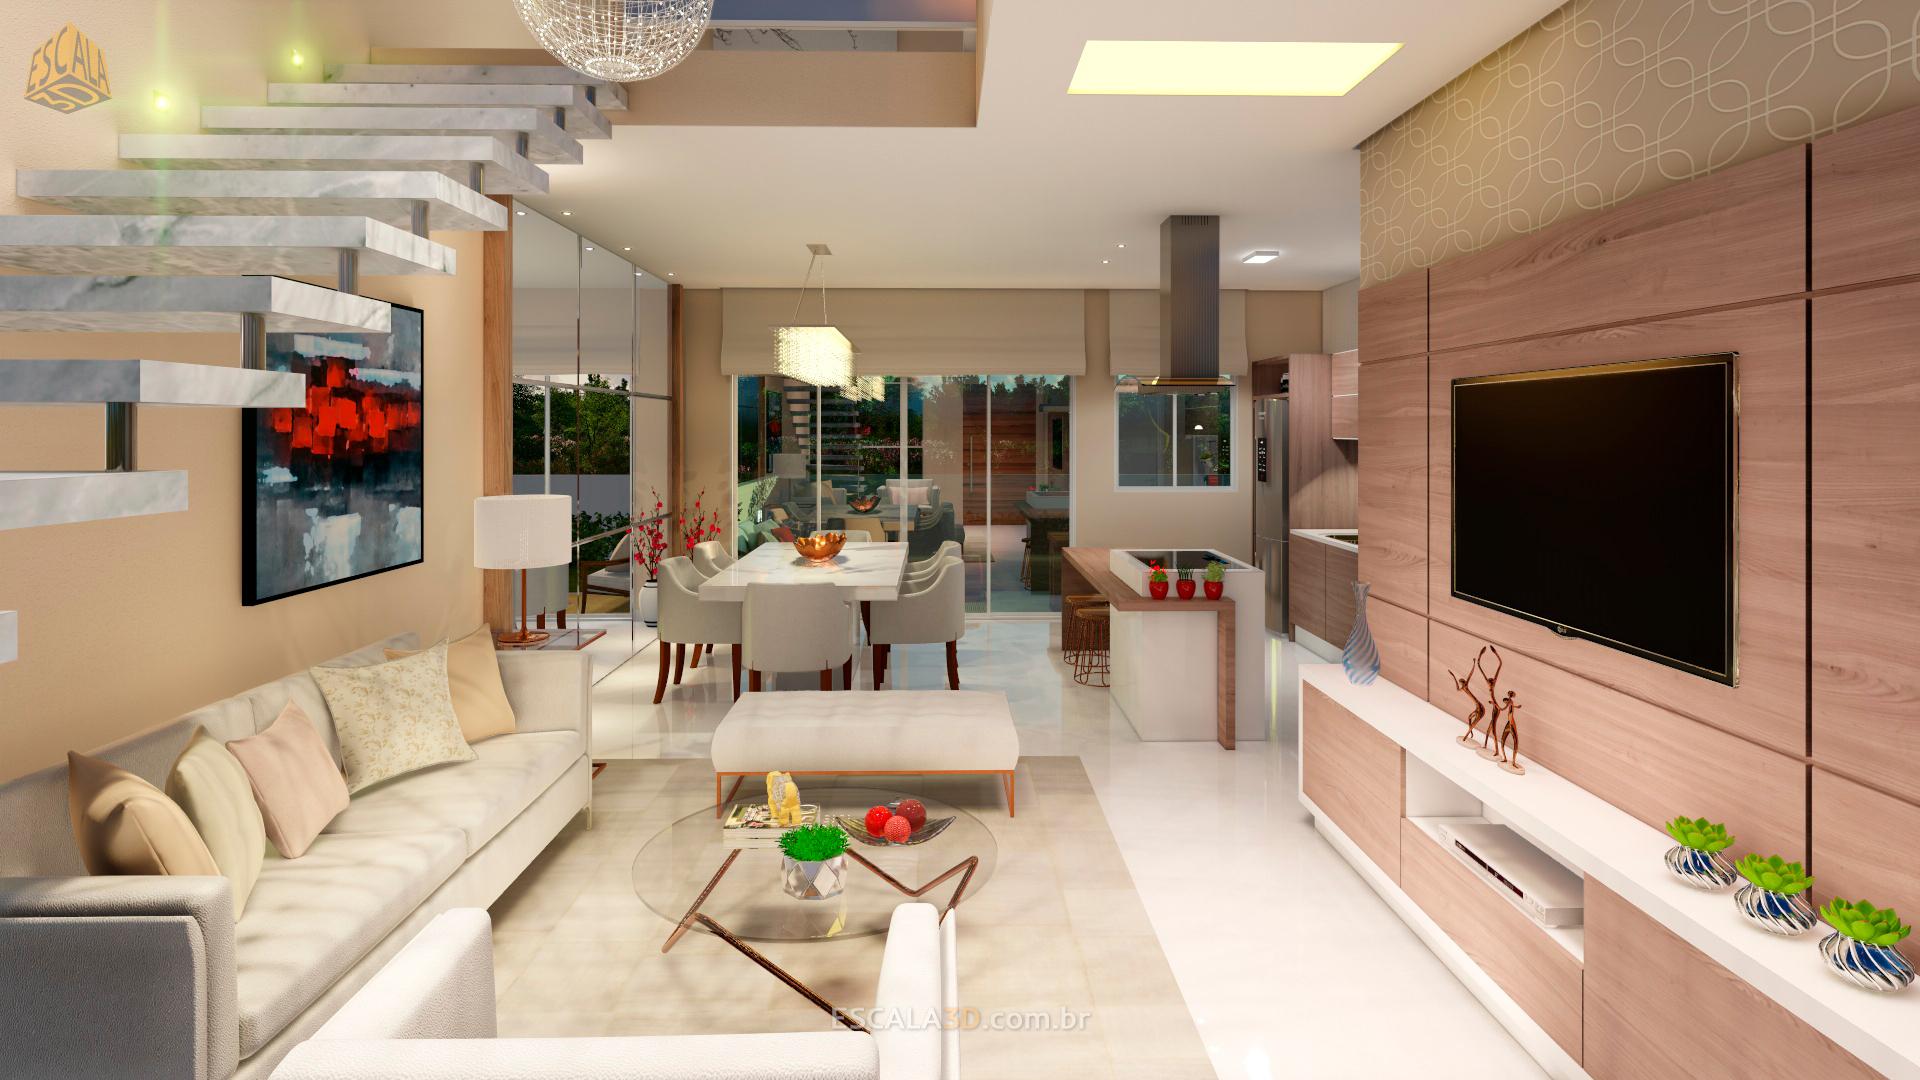 Sala decorada 3D